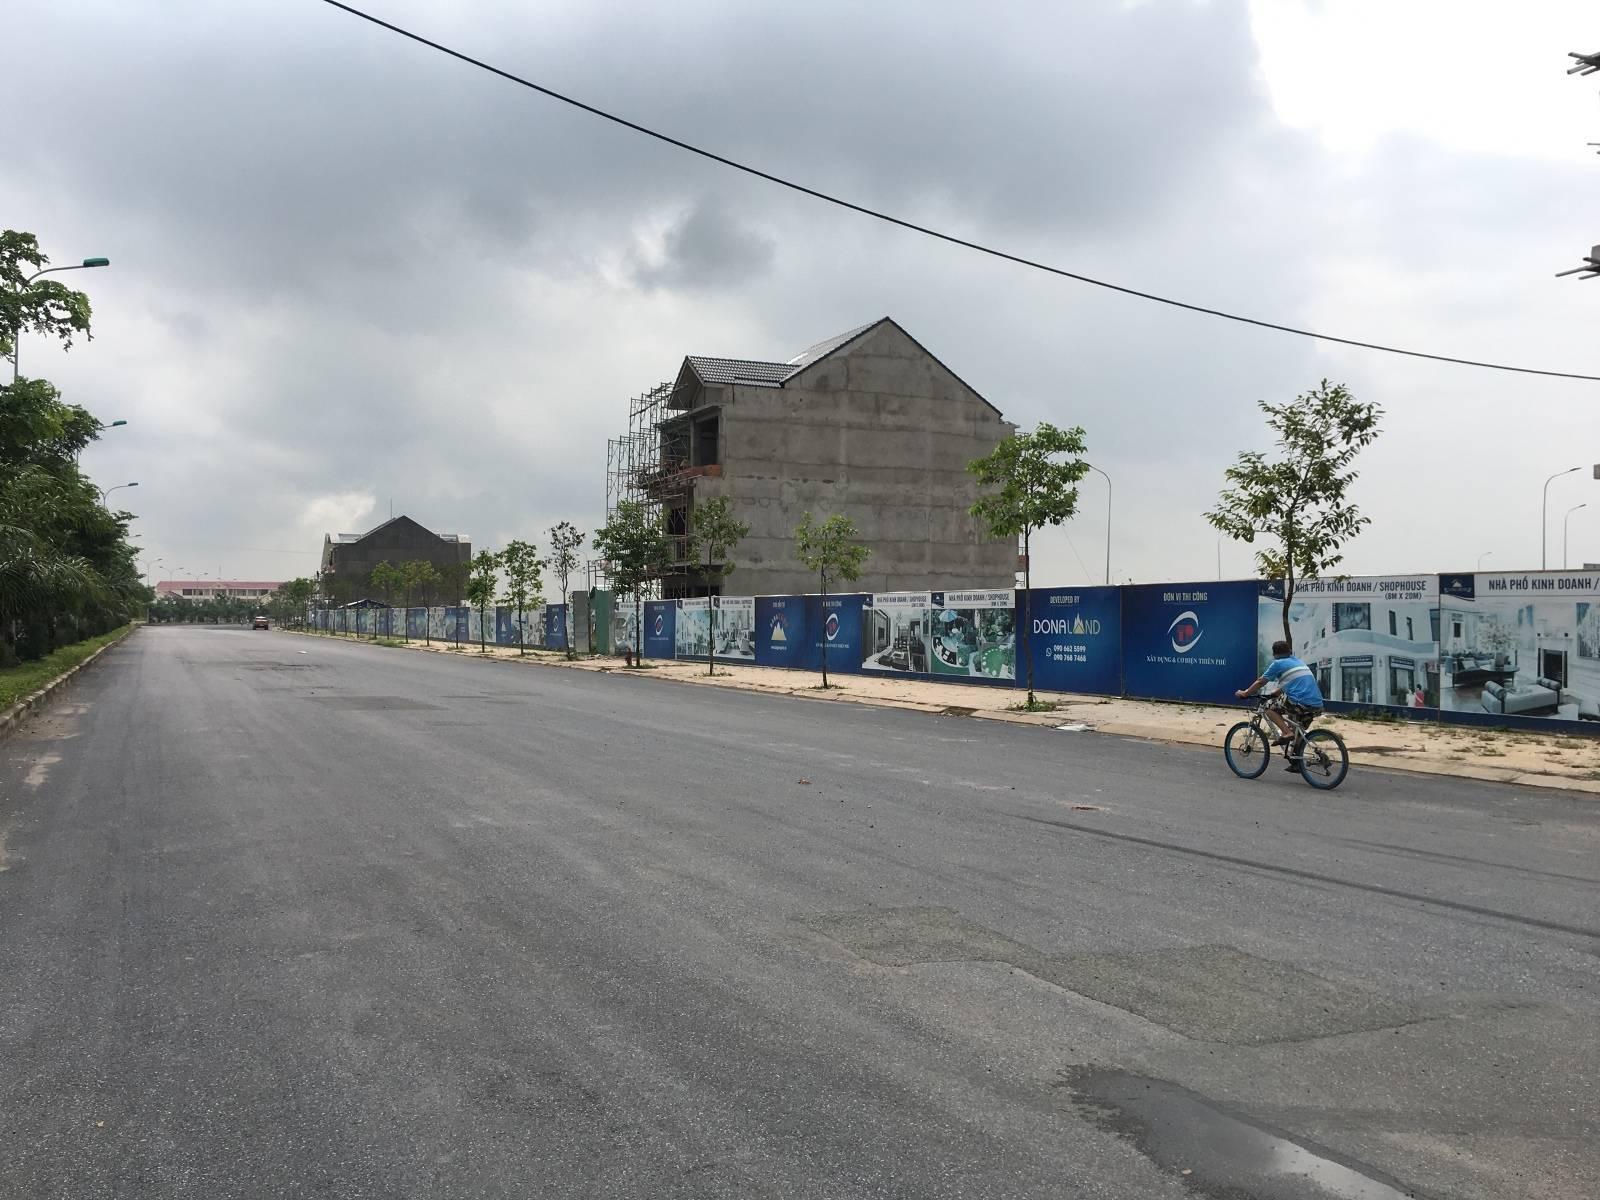 tiến độ thi công mới nhất tại dự án khu đô thị long hưng đồng nai